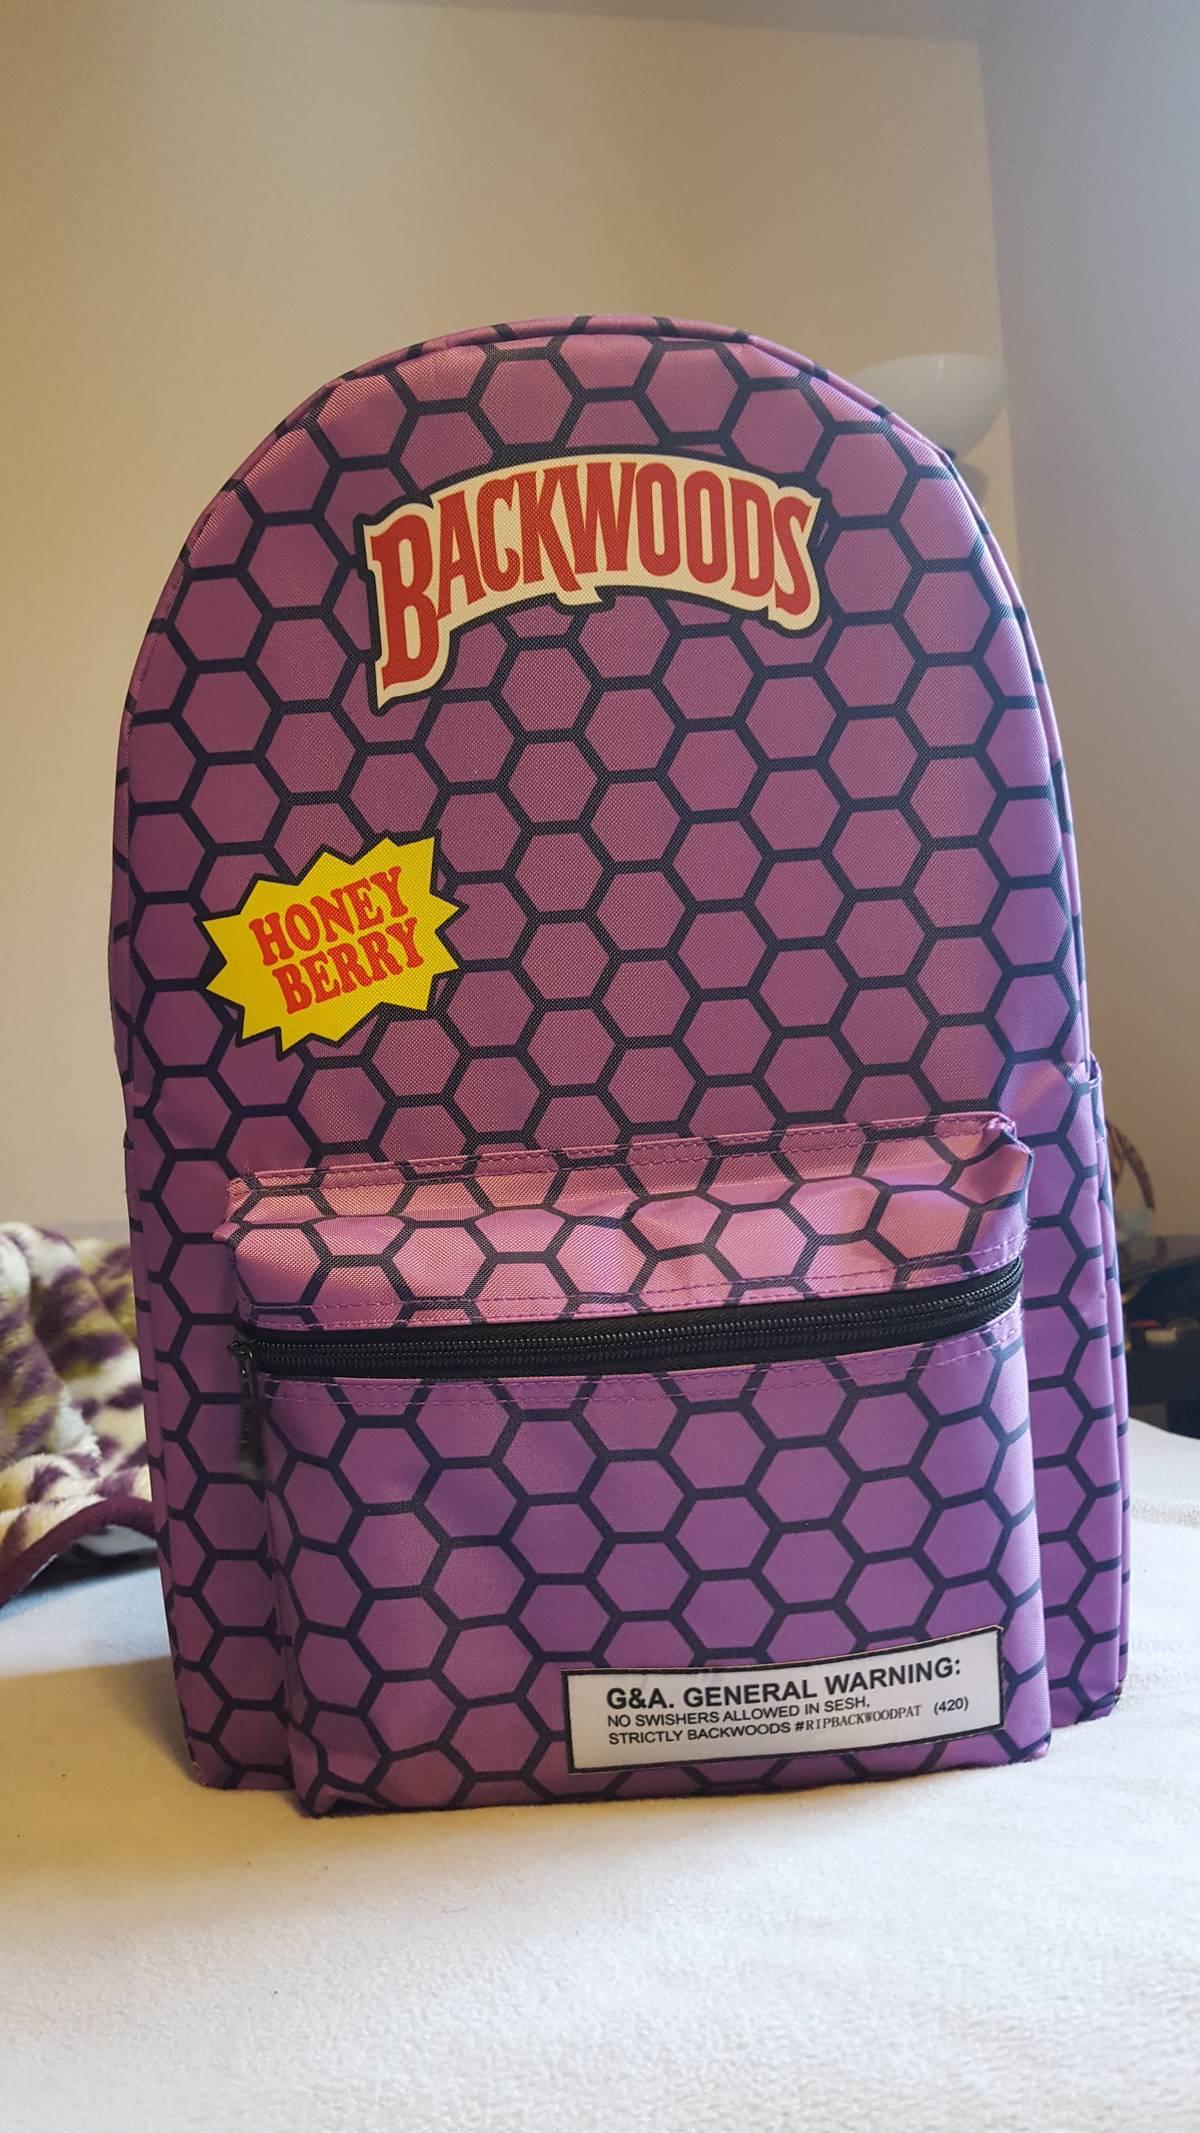 Custom Large Backwoods Backpack Size 46 $144